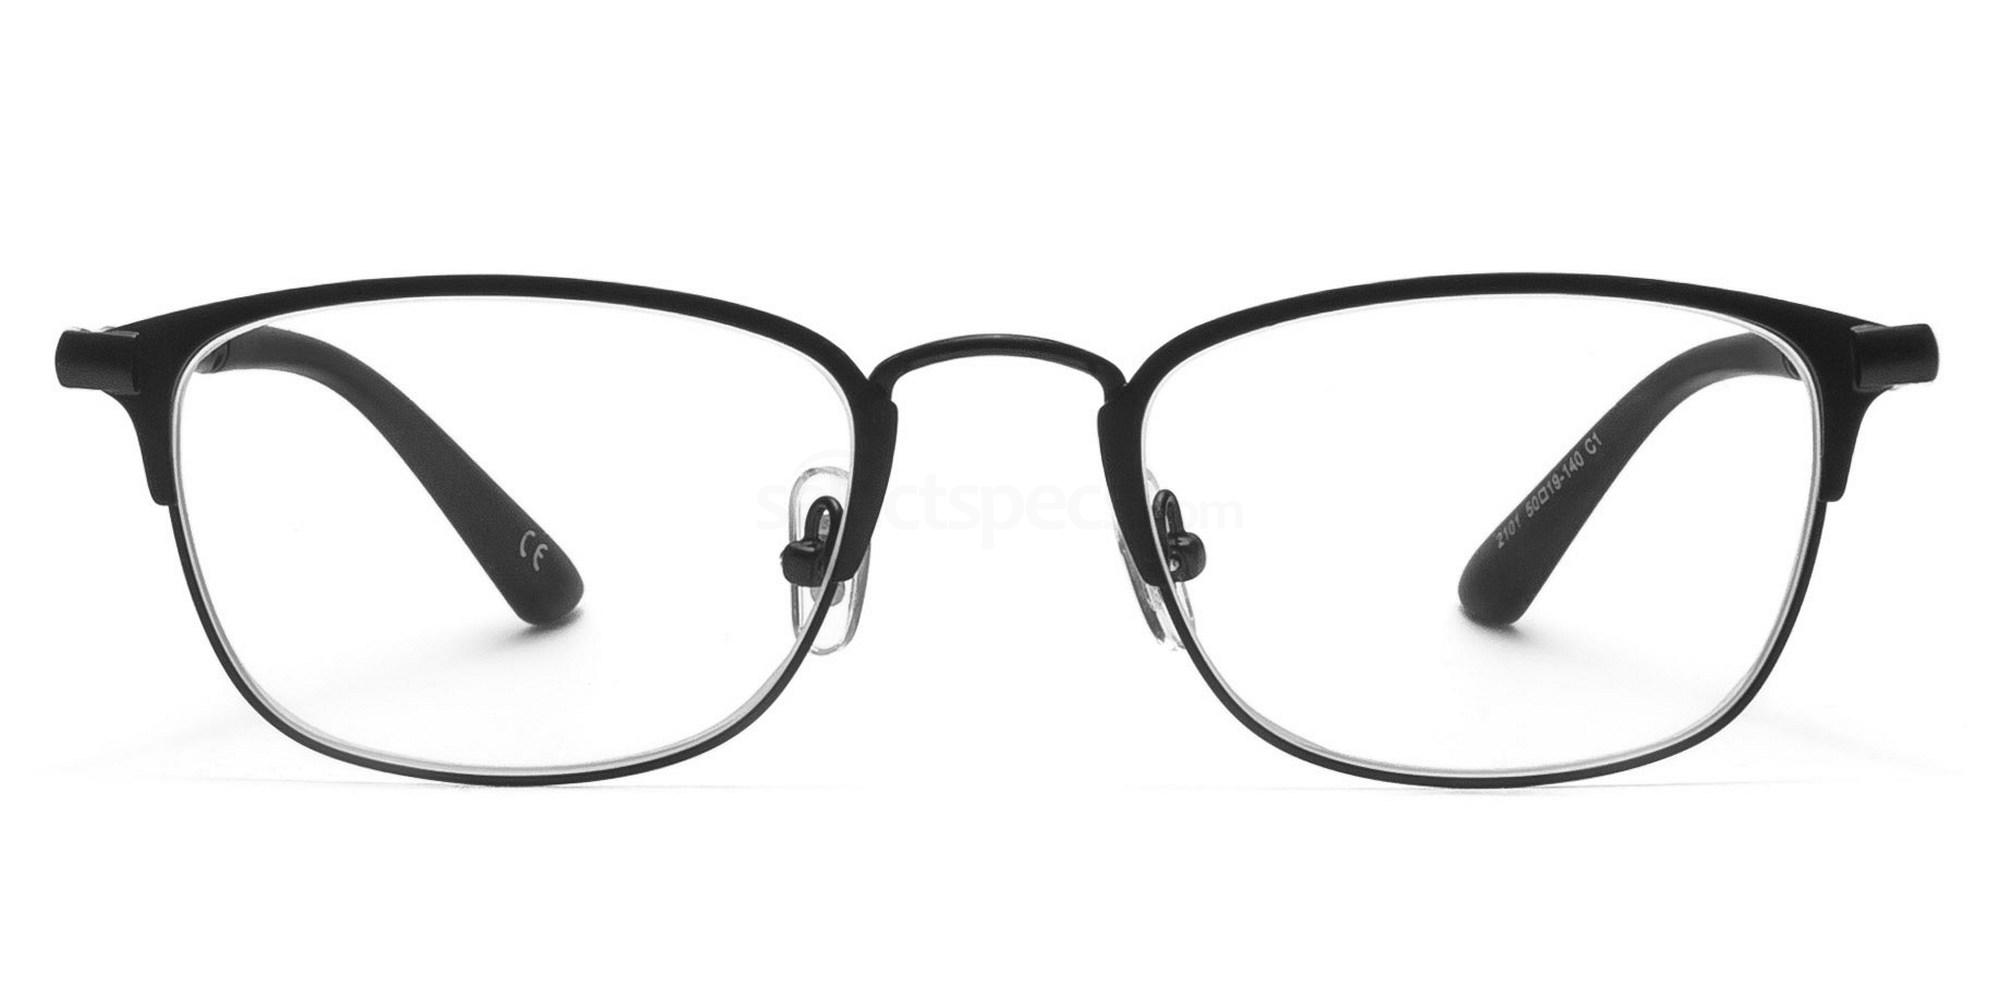 C1 M2101 Metal Glasses, Infinity